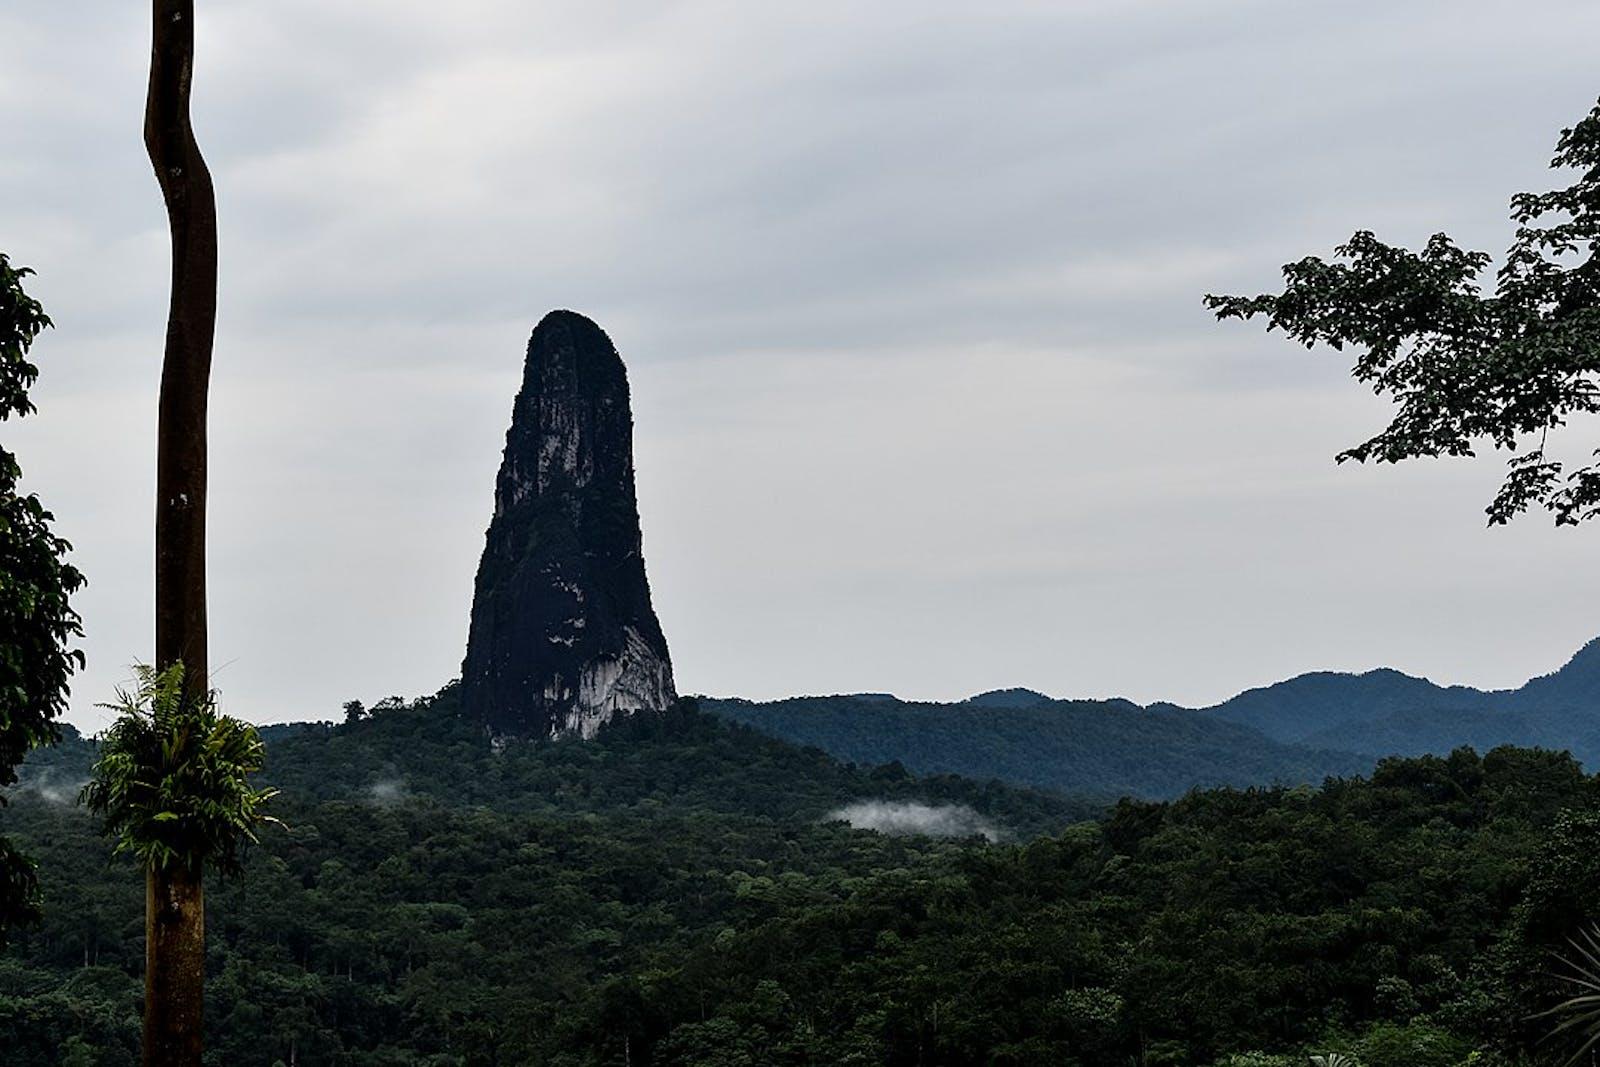 São Tomé, Príncipe, and Annobón Forests